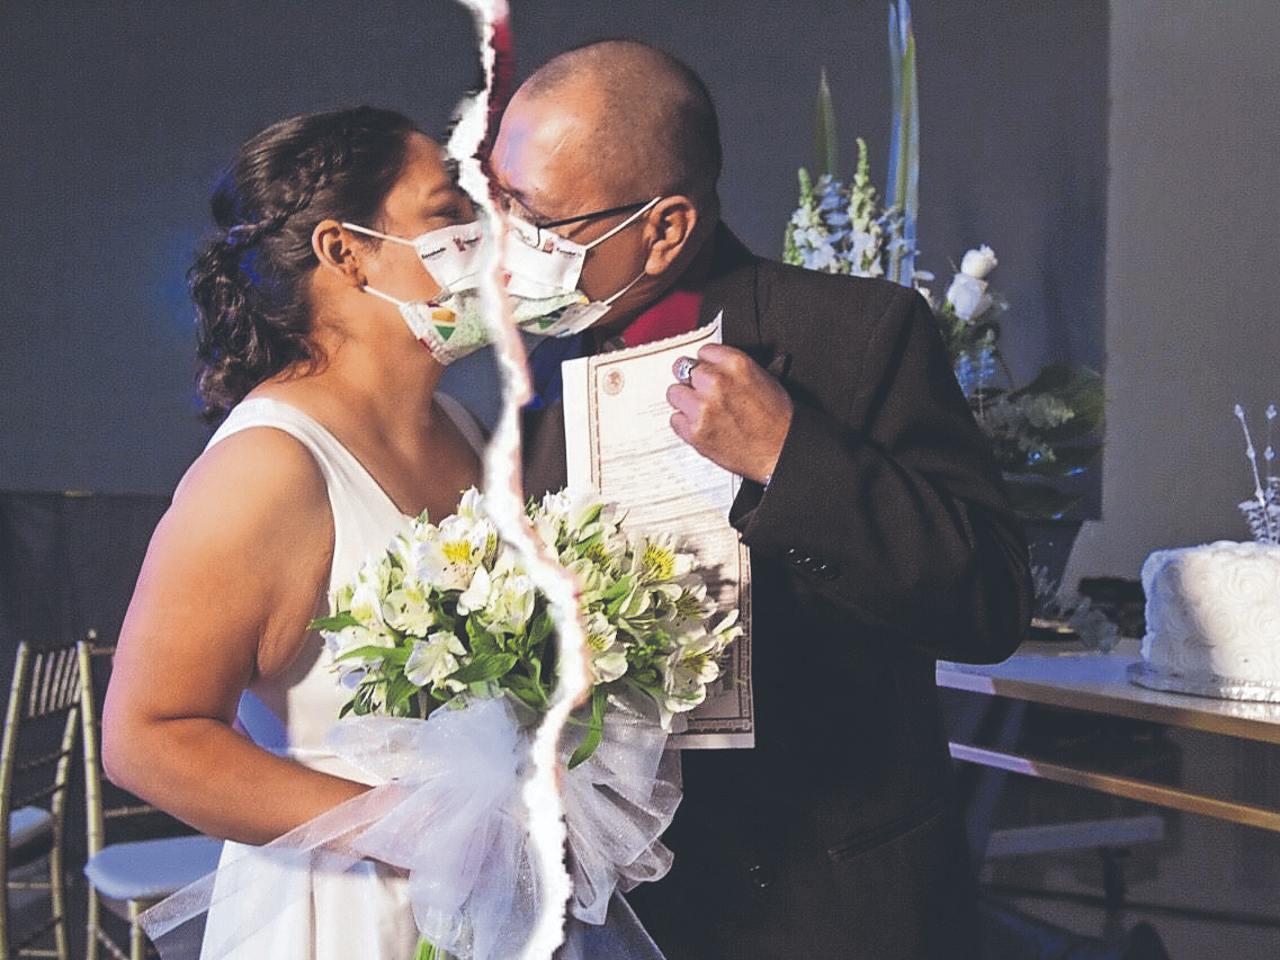 Matrimonios y divorcios en México disminuyeron por el Covid-19, afirma el Inegi